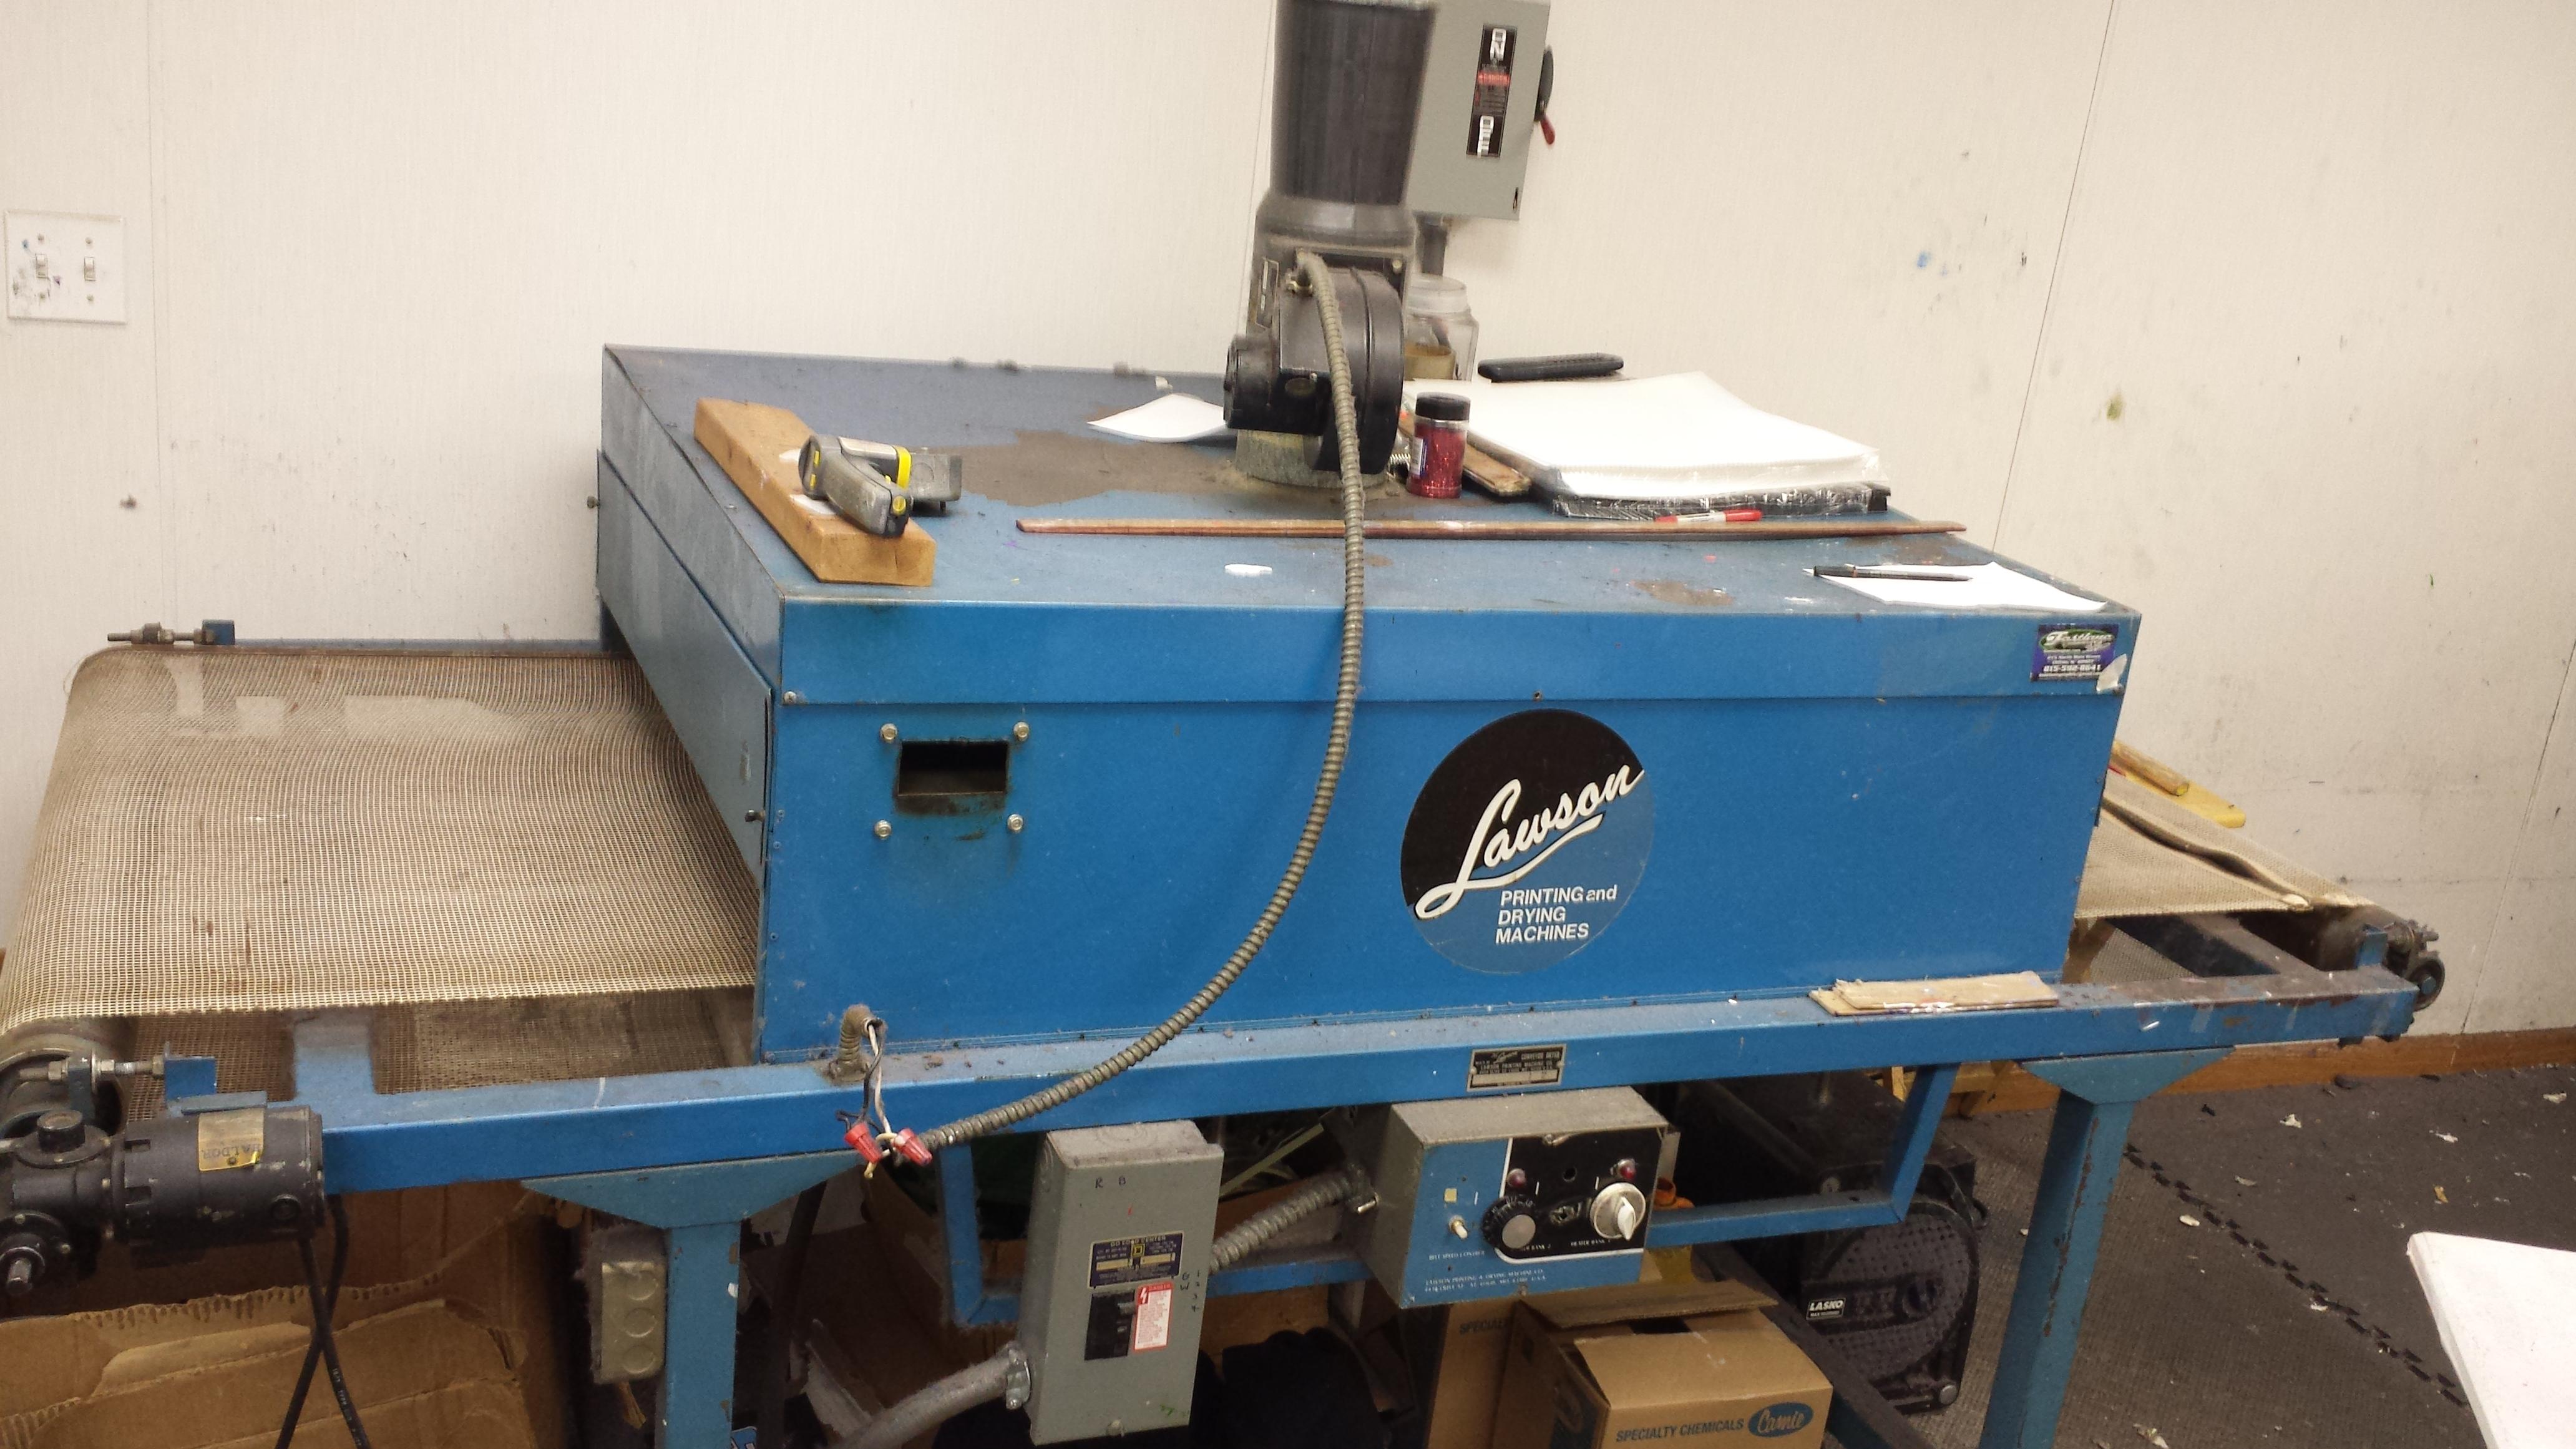 Lawson Conveyor Dryer